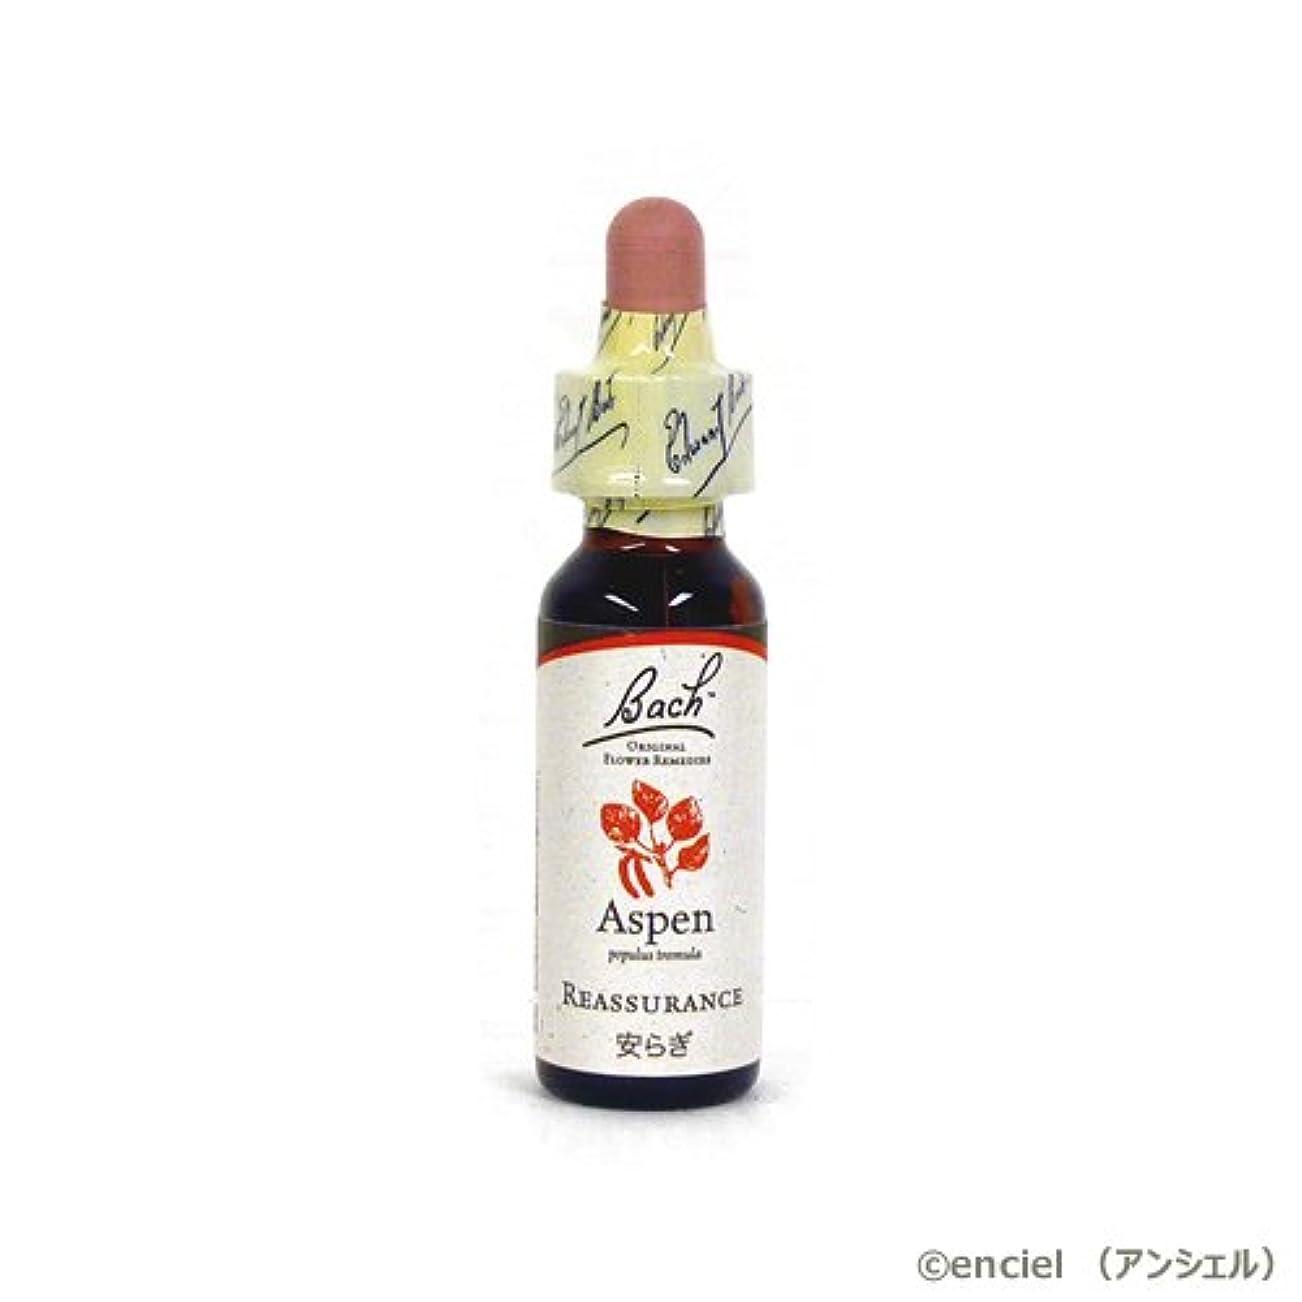 観察見せます遺伝的バッチフラワー レメディ アスペン 10ml グリセリンタイプ 日本国内正規品